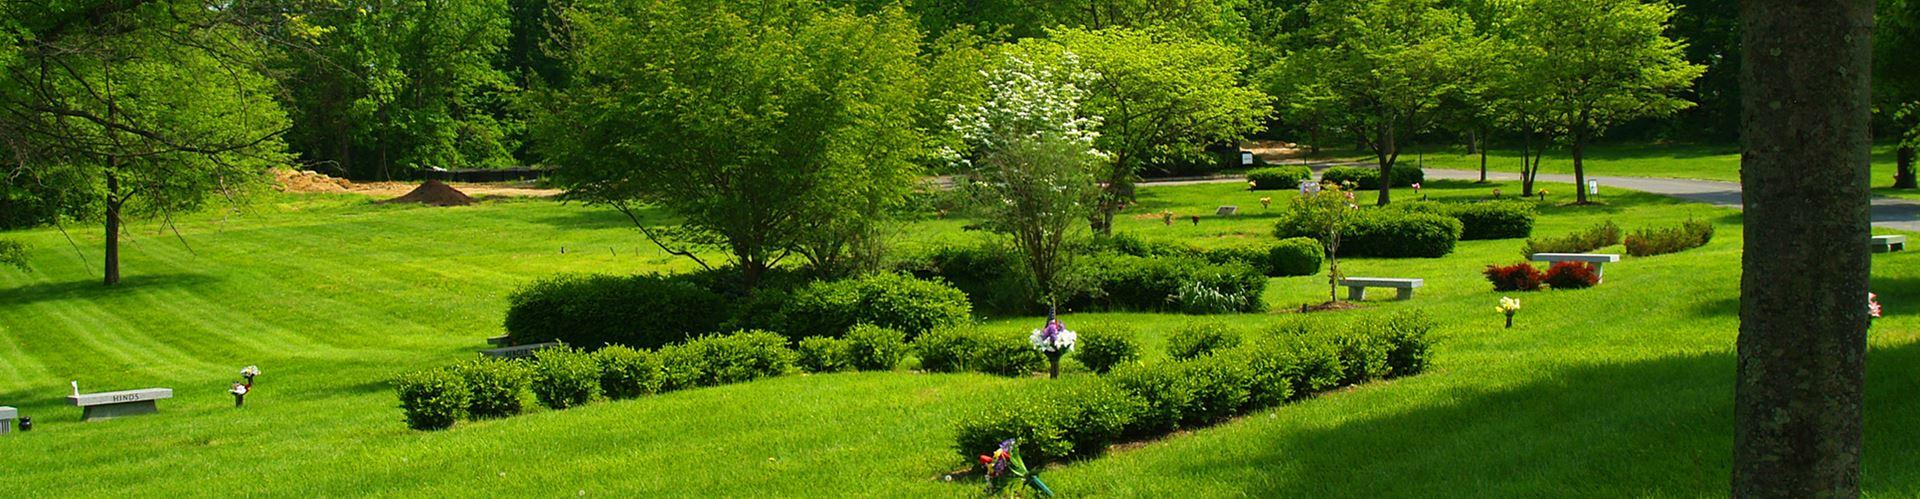 Columbia memorial Park, MD